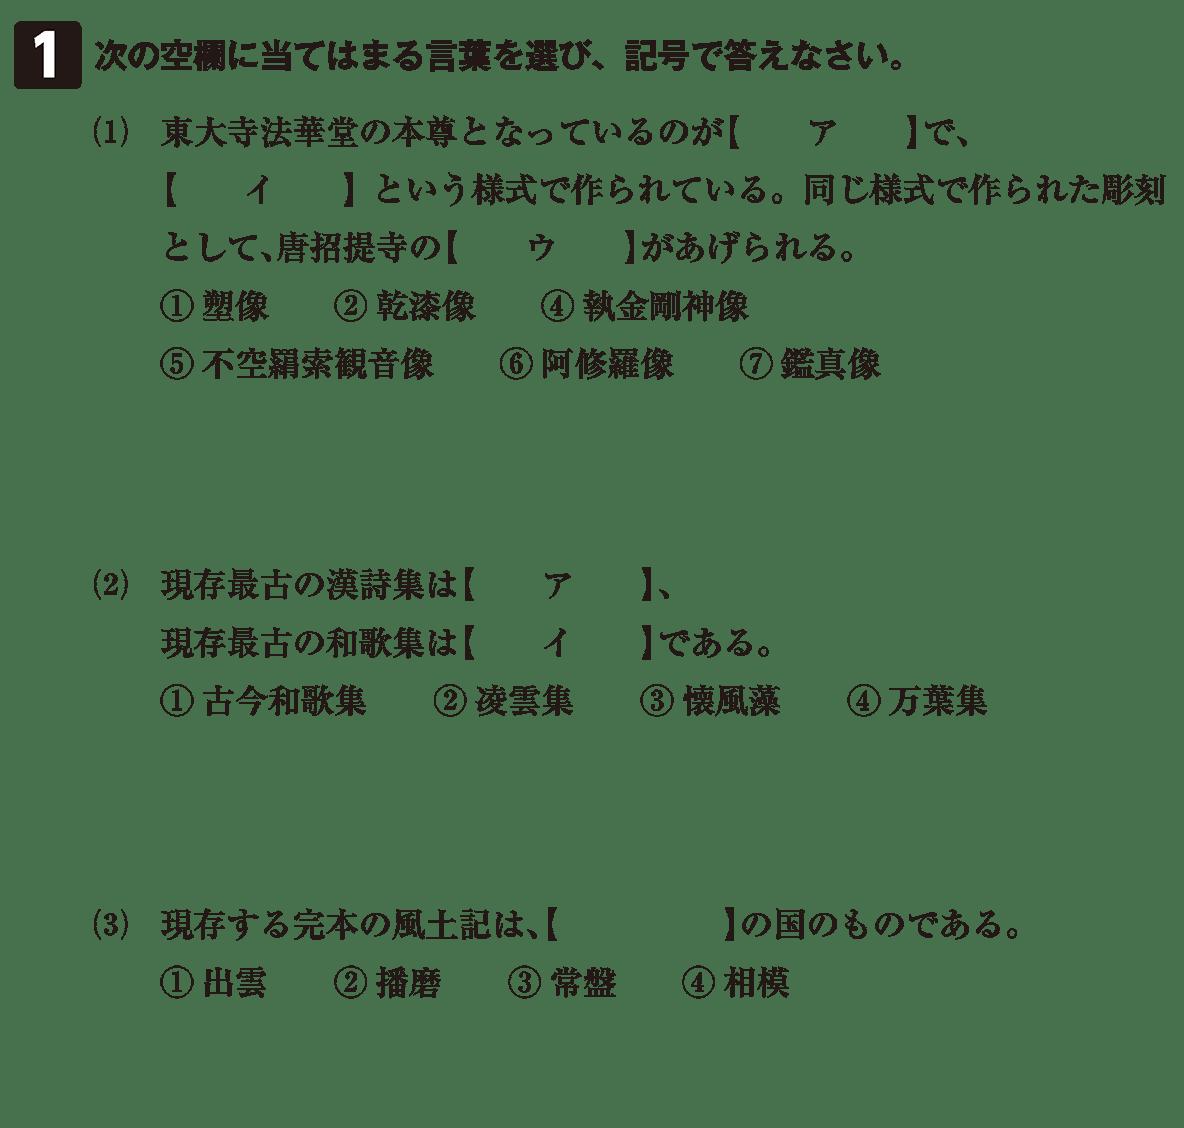 原始・古代文化12 問題1 問題